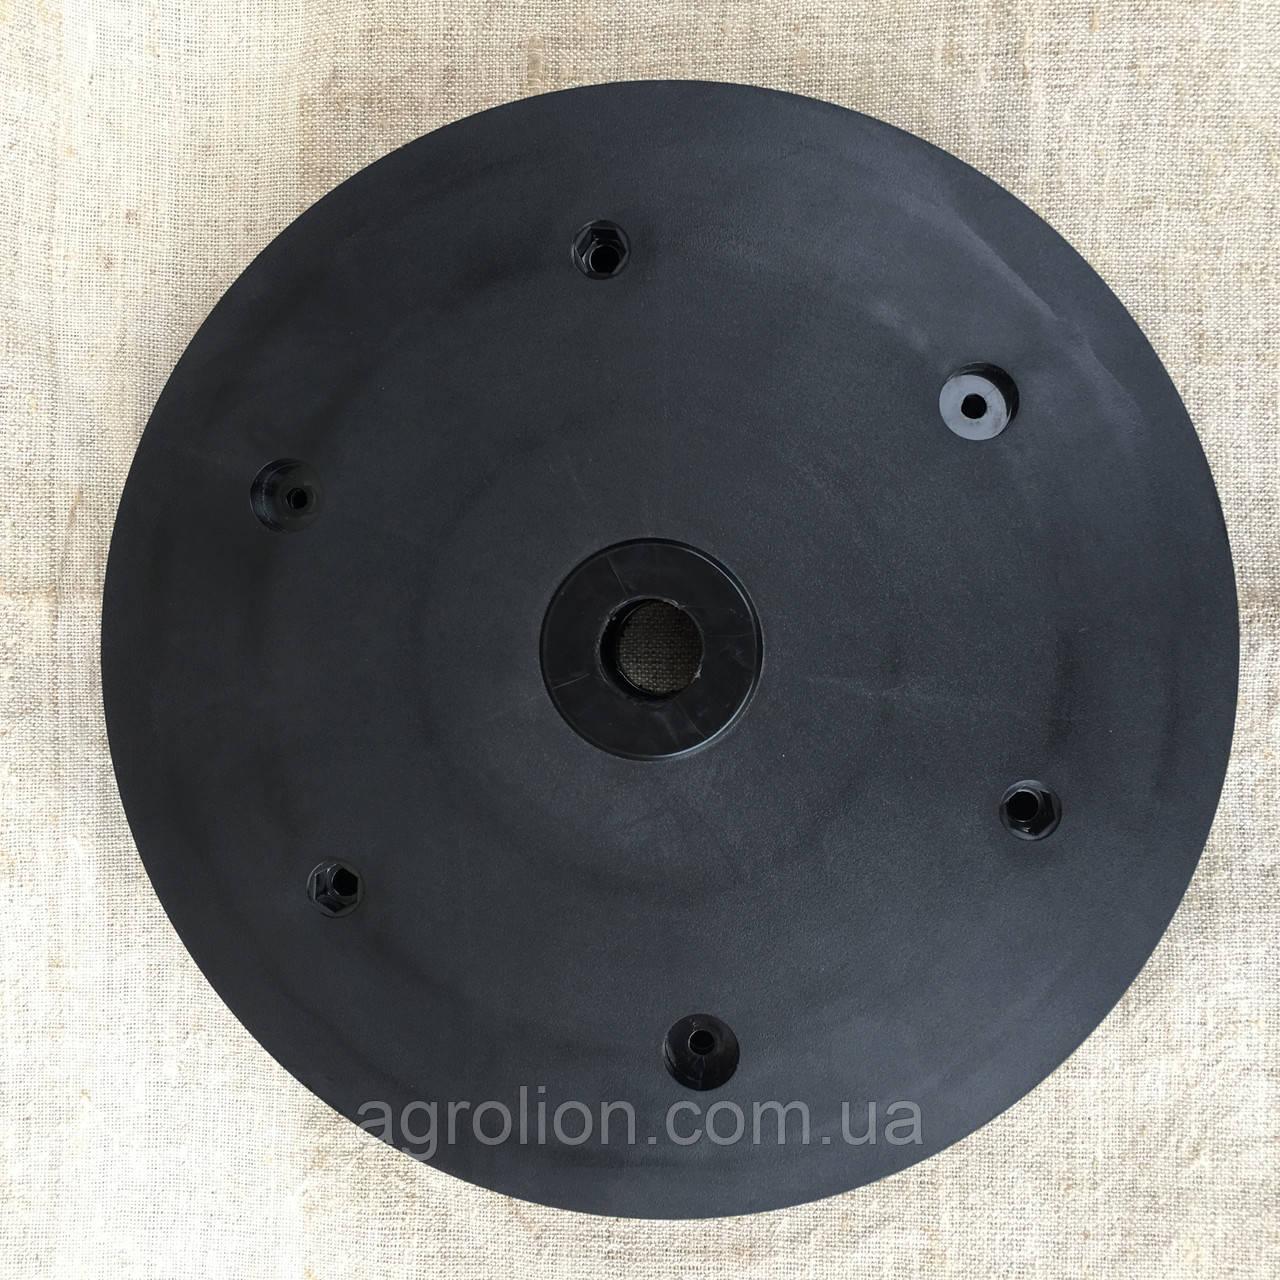 """Напівдиск прикотуючого колеса (диск поліамід) 2""""x13"""" d30"""